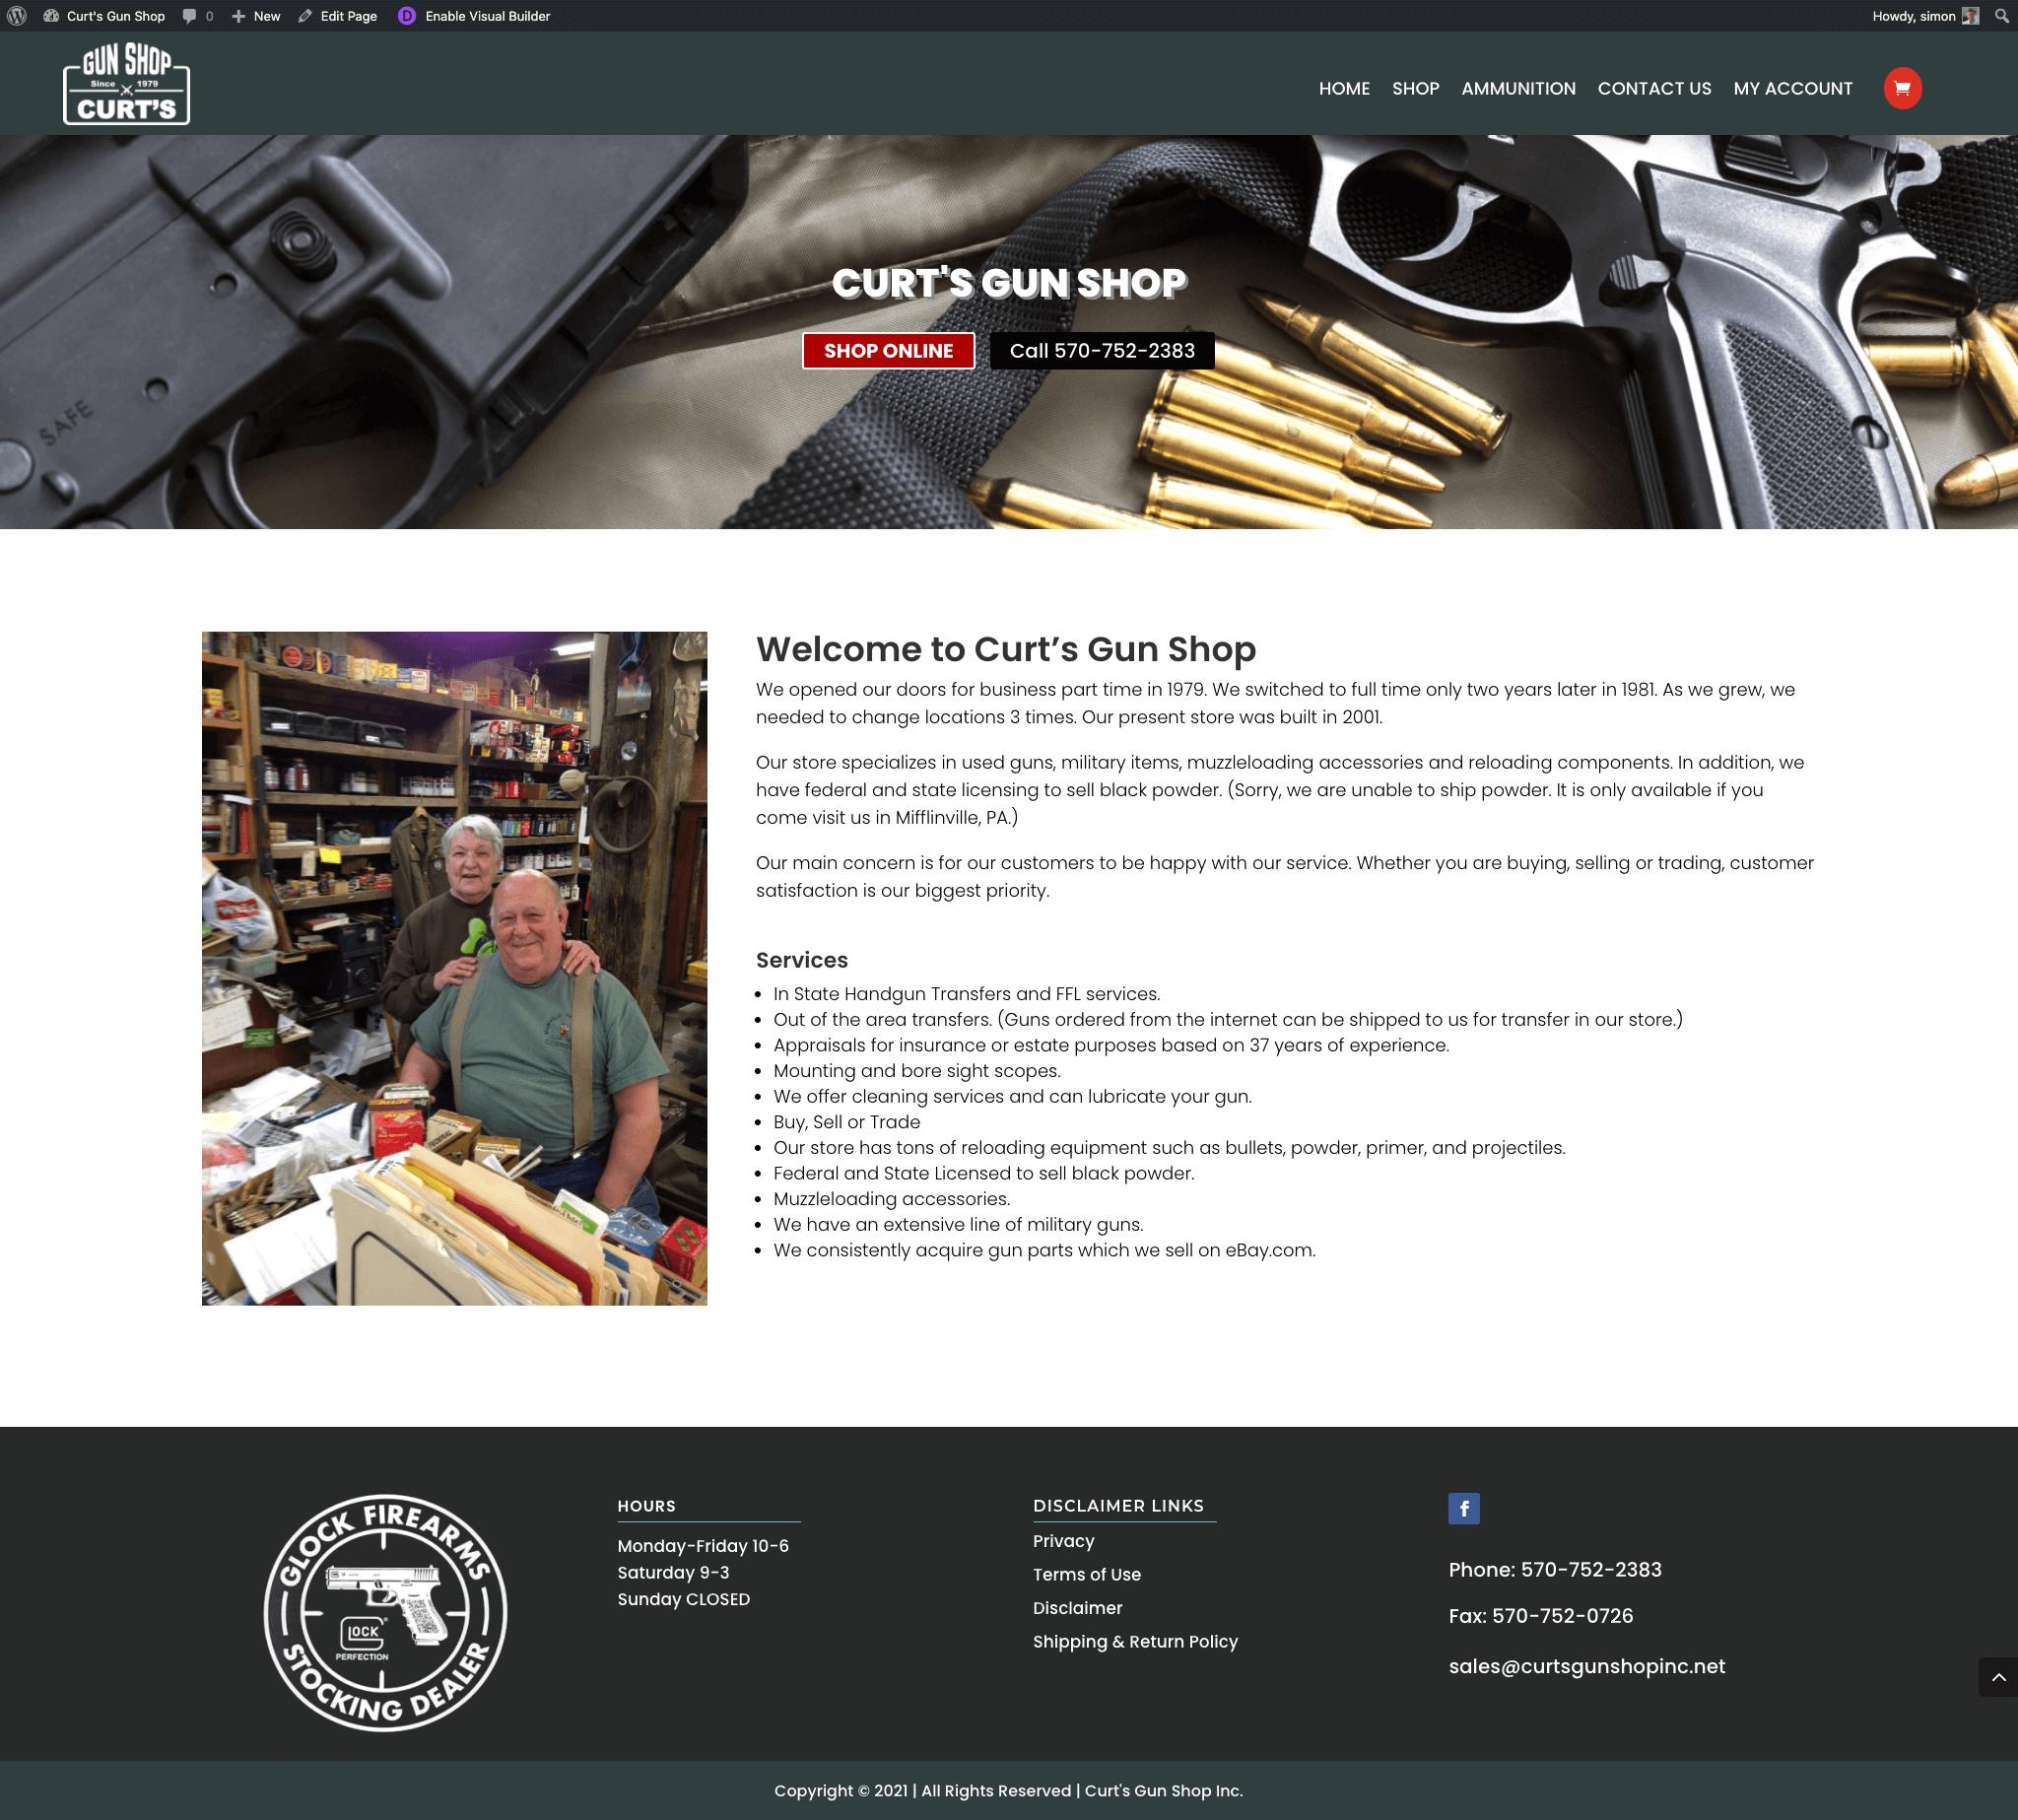 Curts Gun Shop